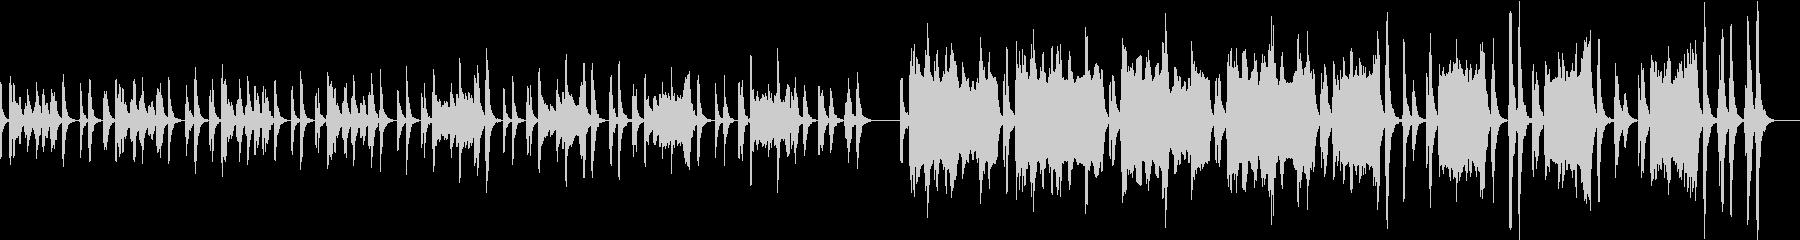 ほのぼの優雅なワルツ風ループBGM2の未再生の波形